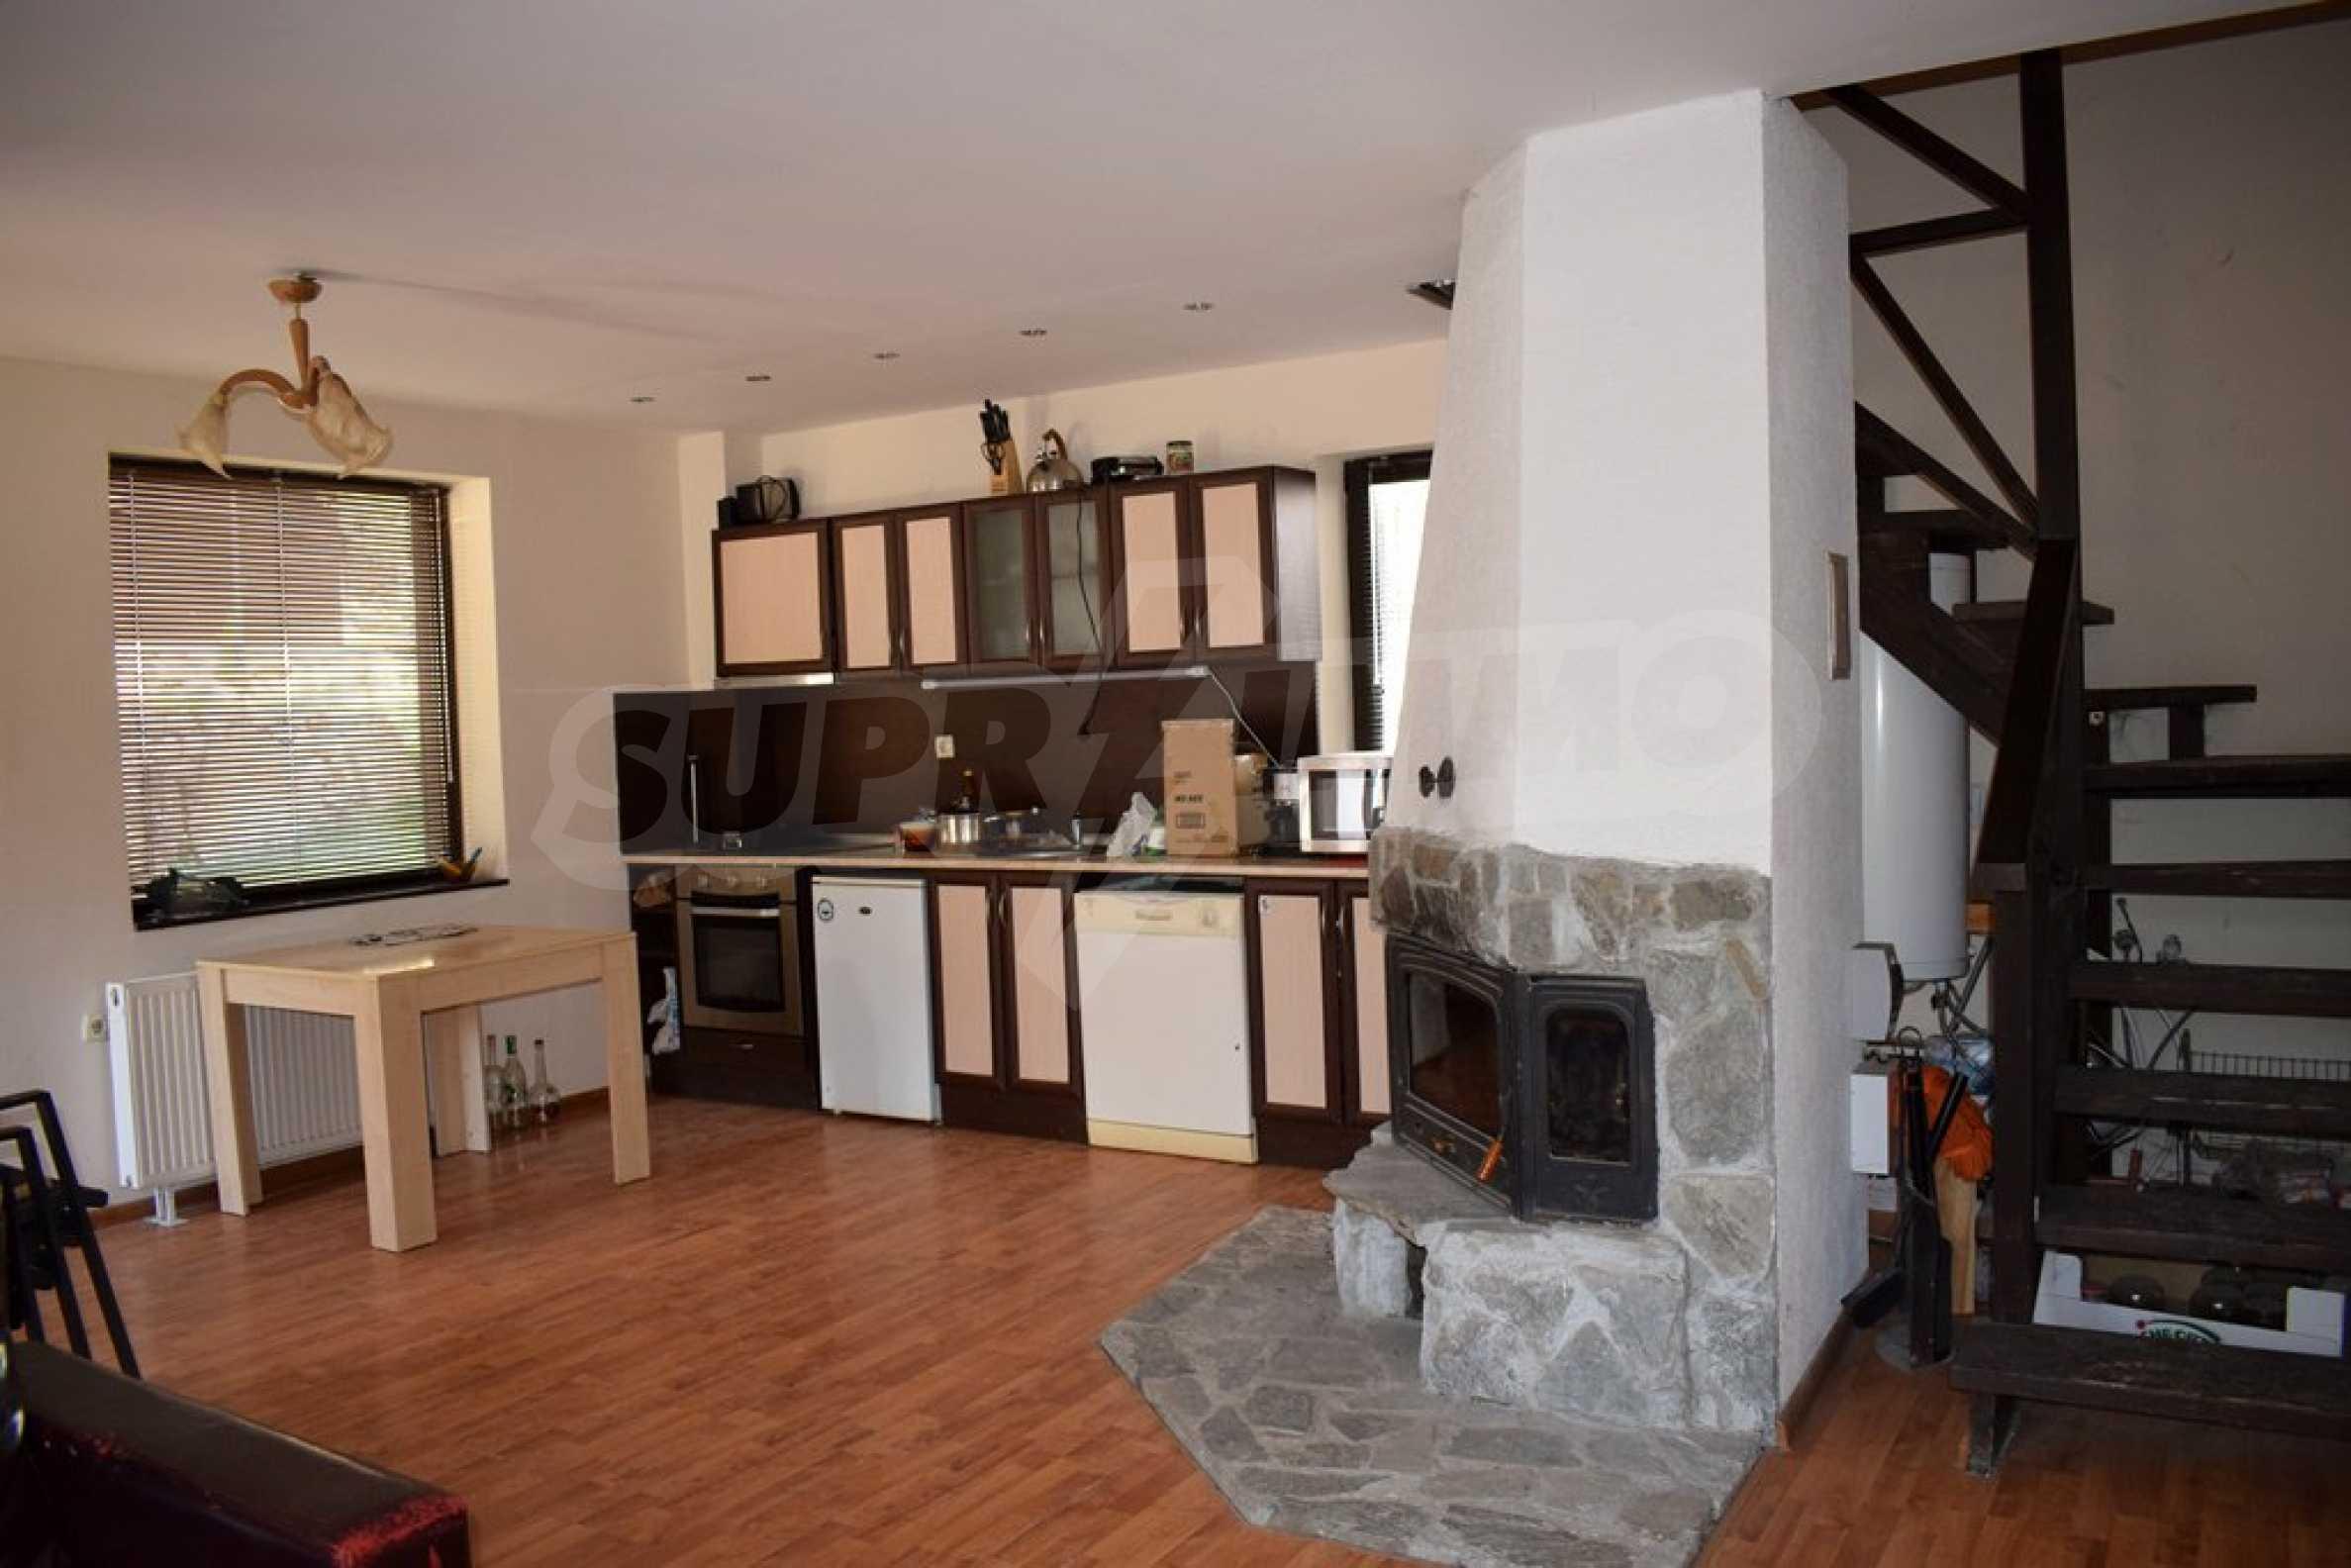 Двуетажна къща за продажба в спокоен и тих район 2